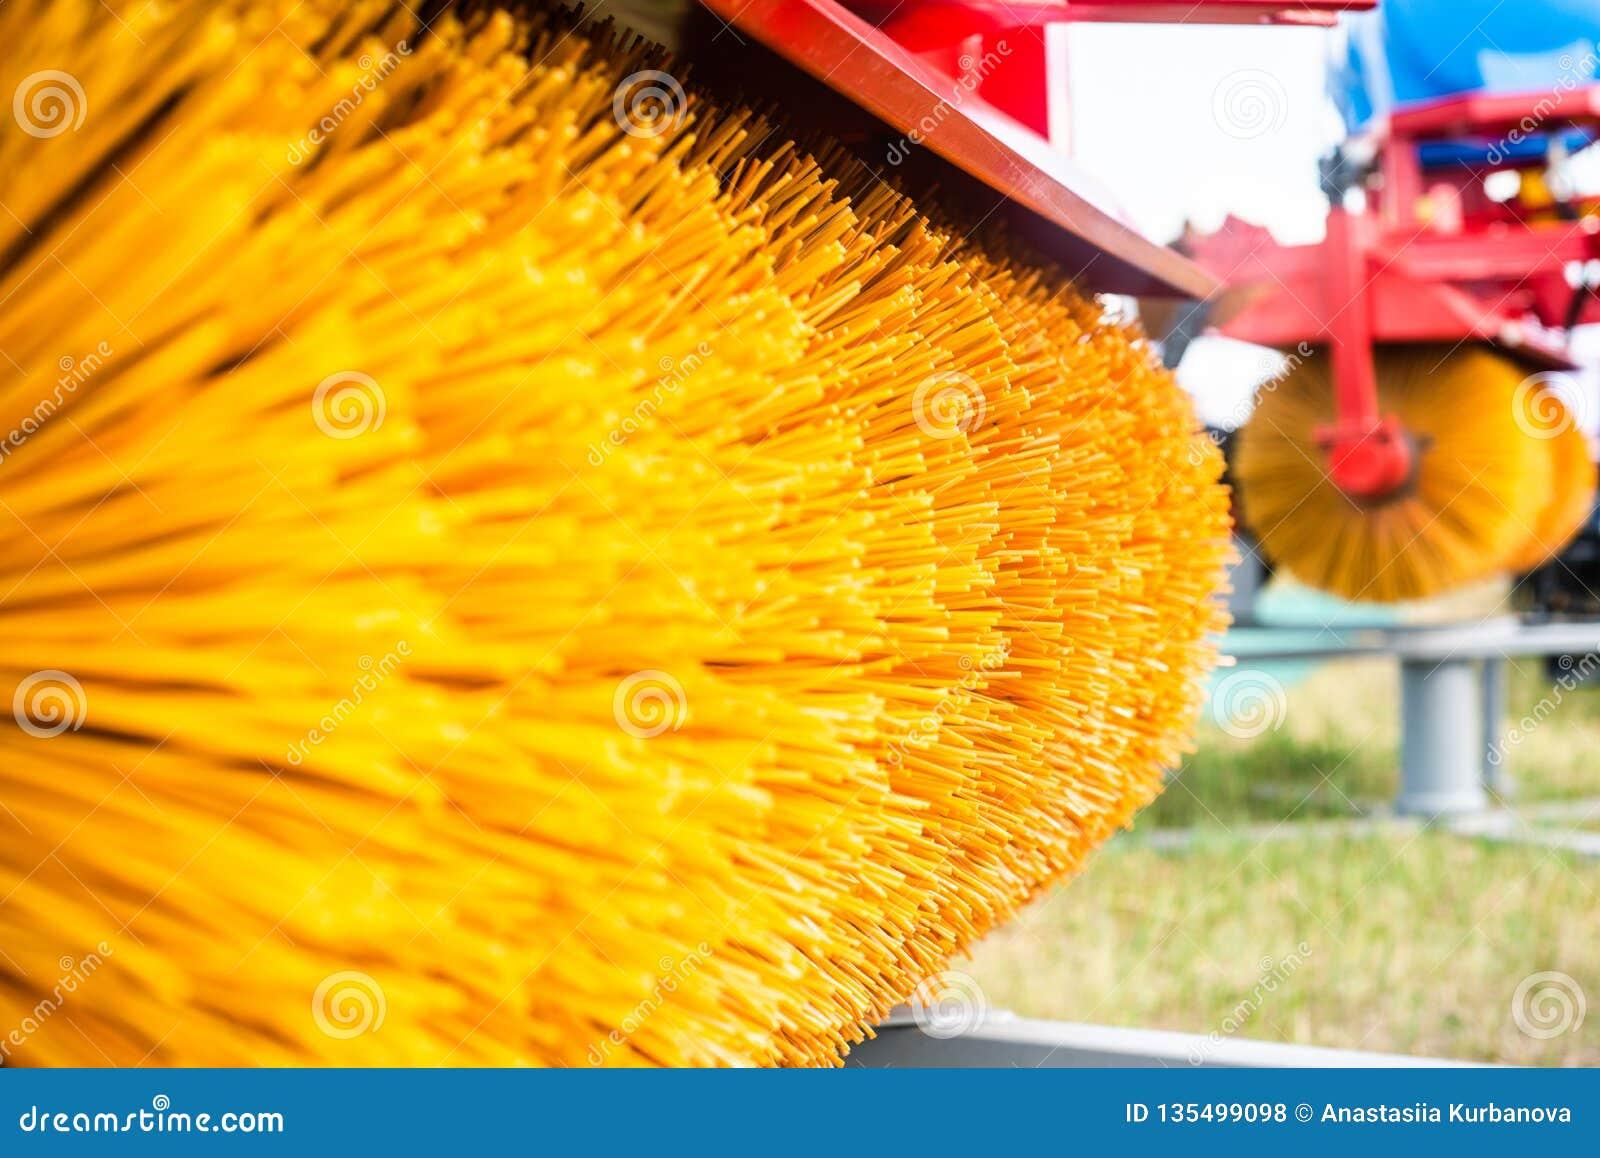 Un baldacchino su un trattore con una spazzola girante rimuove la neve dalle strade, mucchio giallo